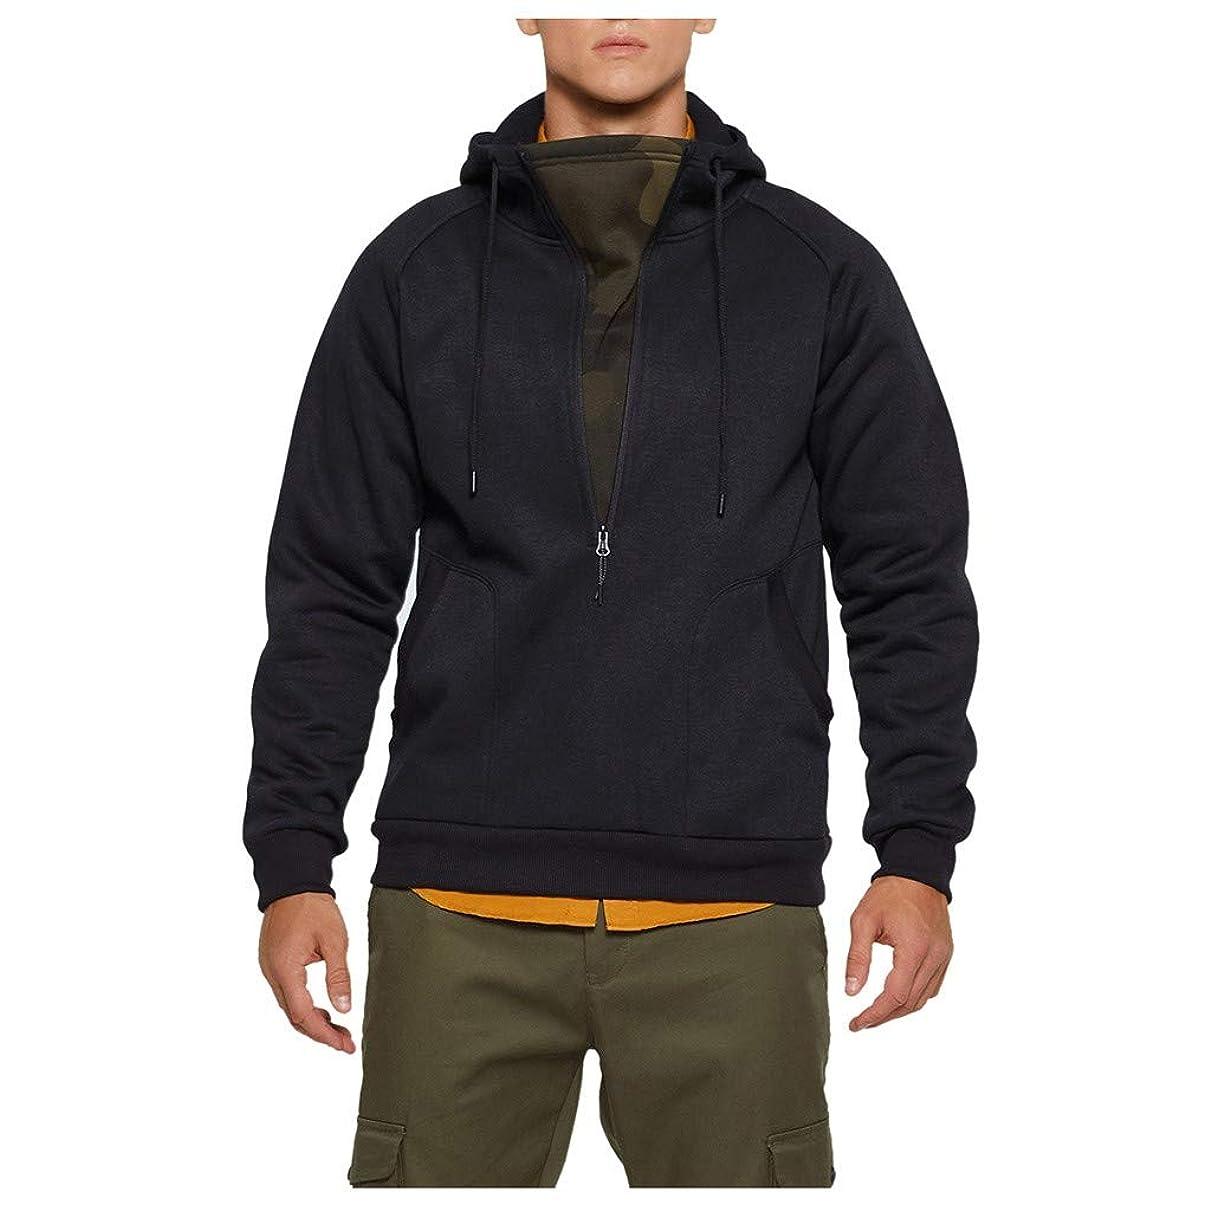 欠伸ヘクタールマントルメンズセーターメンズ ロングtシャツ 大きいサイズ ゆったり カットソー おしゃれ カジュアルパーカー メンズ ャツ メンズ吸汗速乾 軽い 柔らかい 黑 白 カジュアルトレーナー